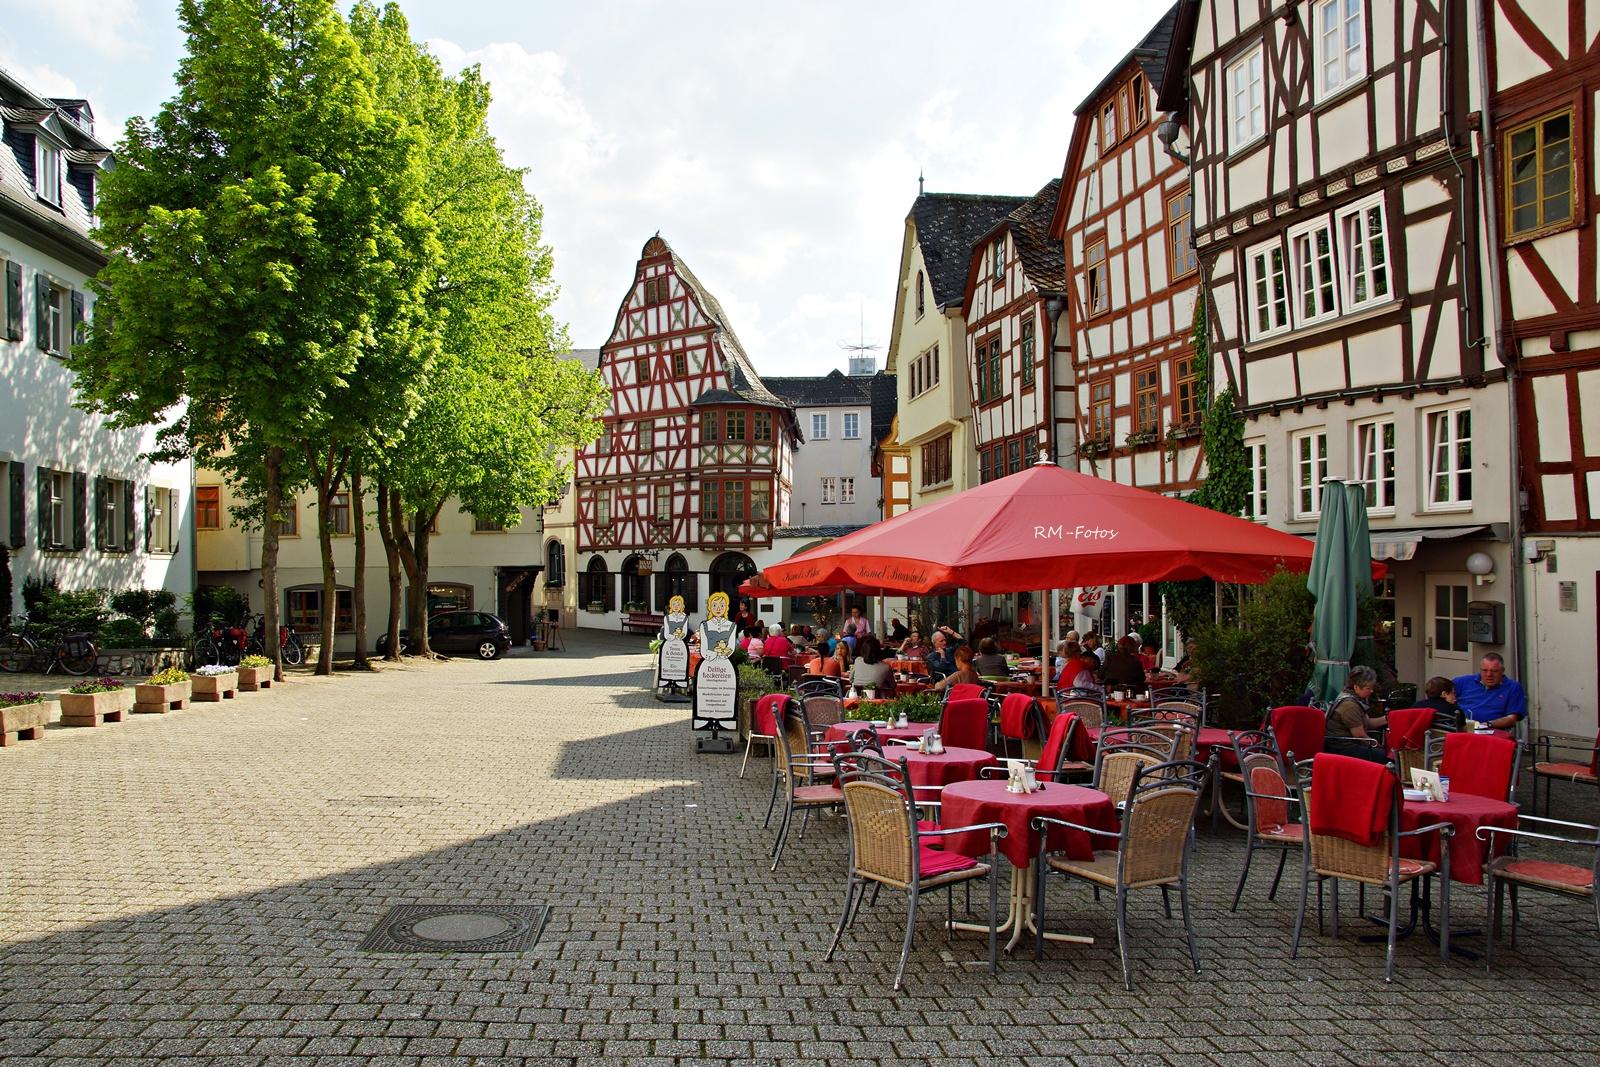 liebe Wochenendgrüße aus Limburg